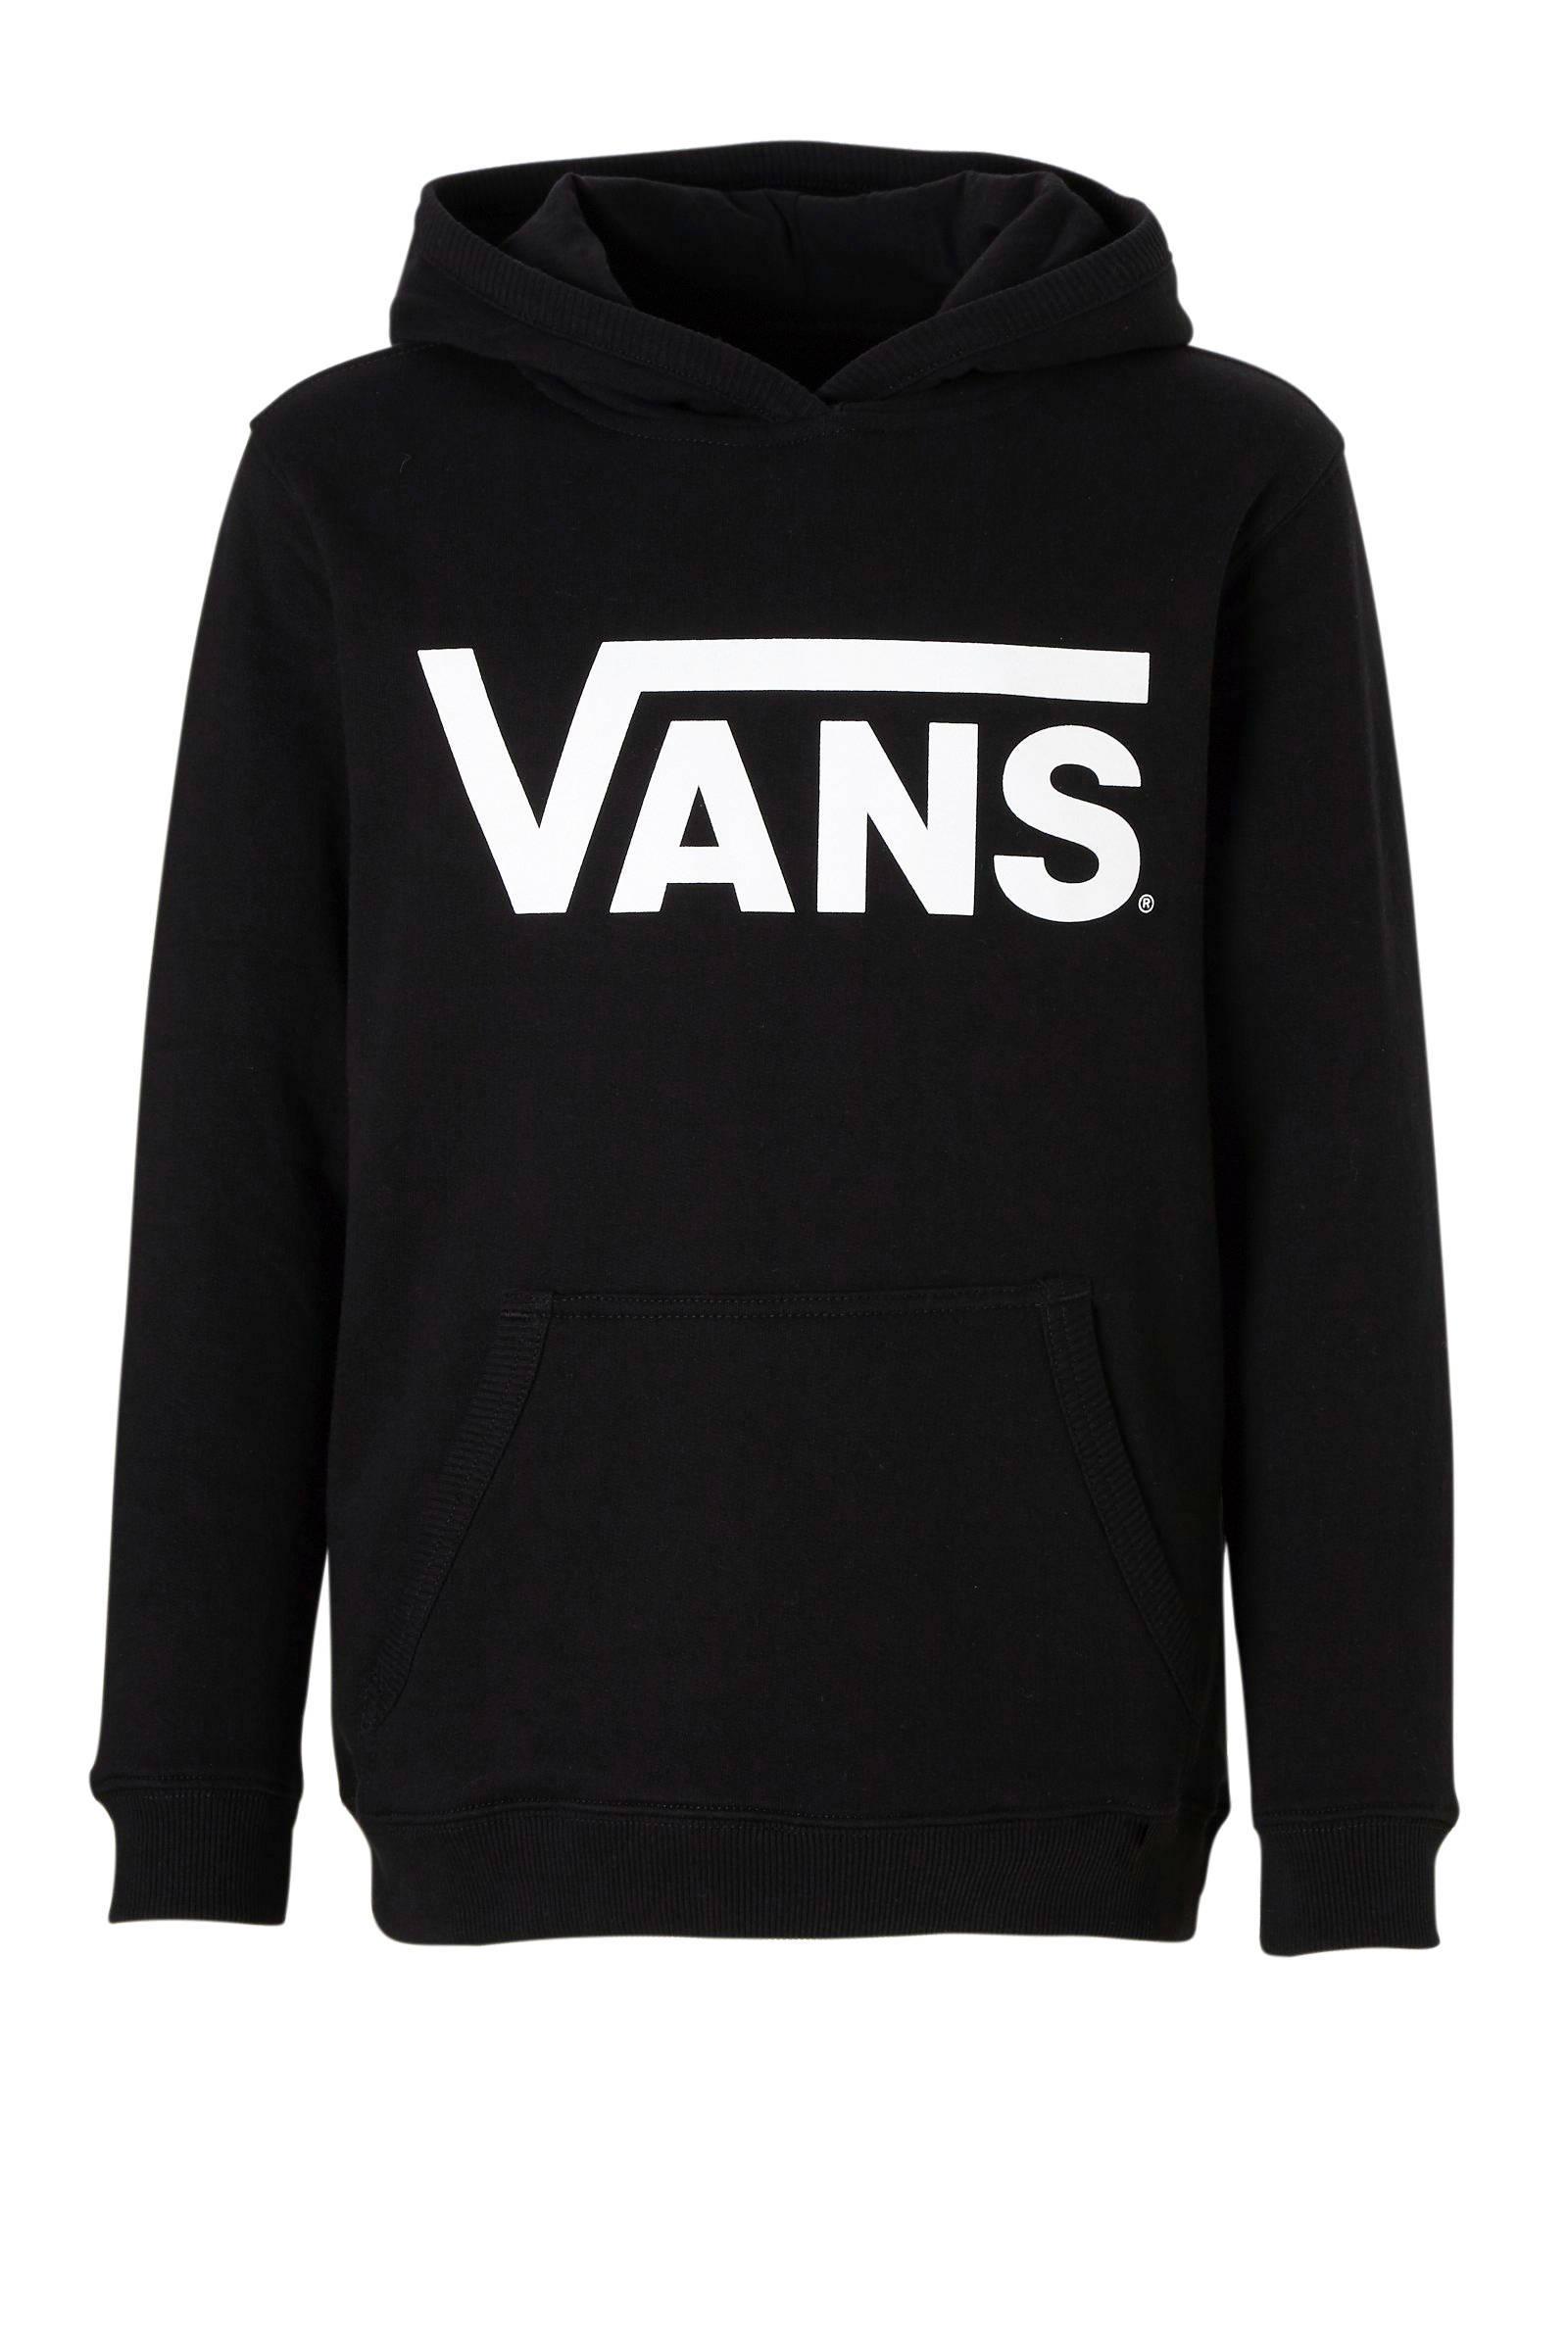 vans kinder hoodie